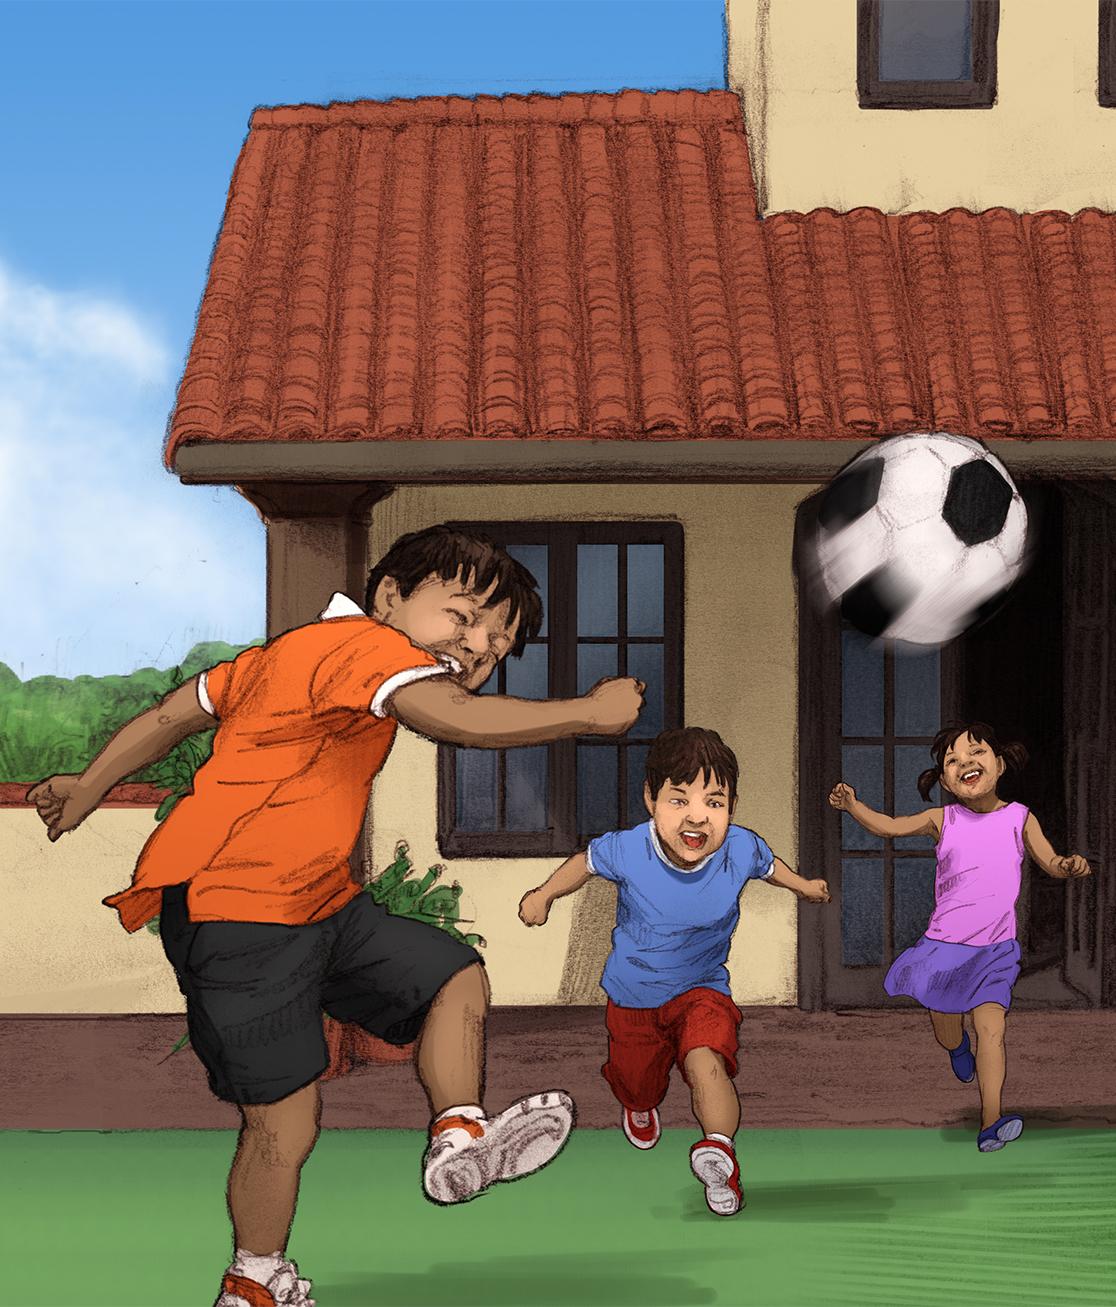 soccer_kids.jpg